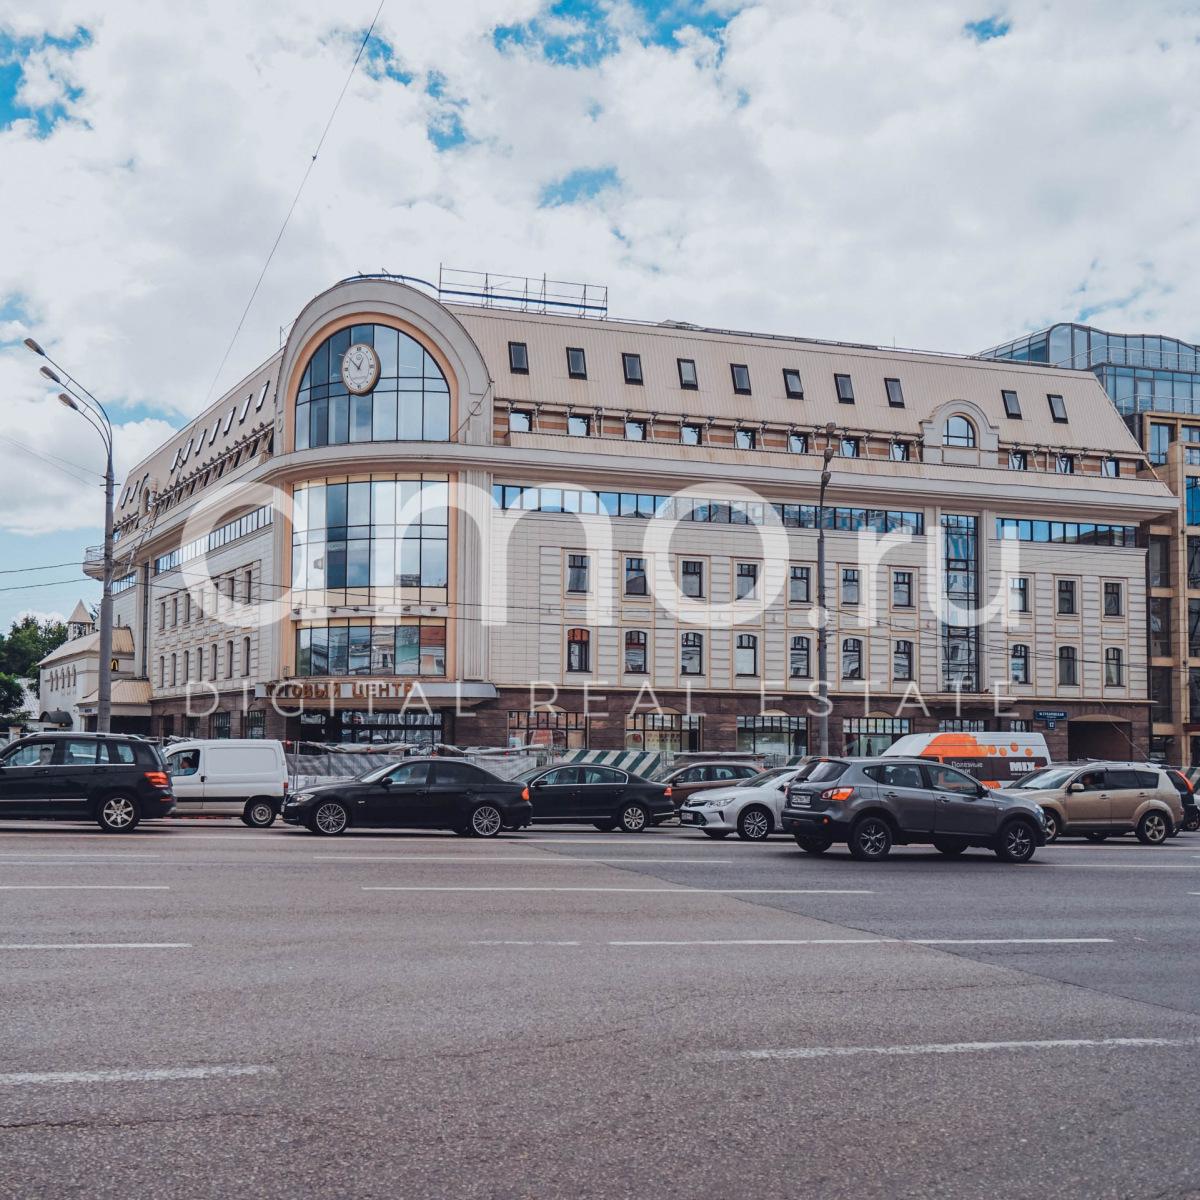 Аренда офисных помещений Садовая-Спасская улица циан москва коммерческая недвижимость нежилые помещения аренда дать объявление